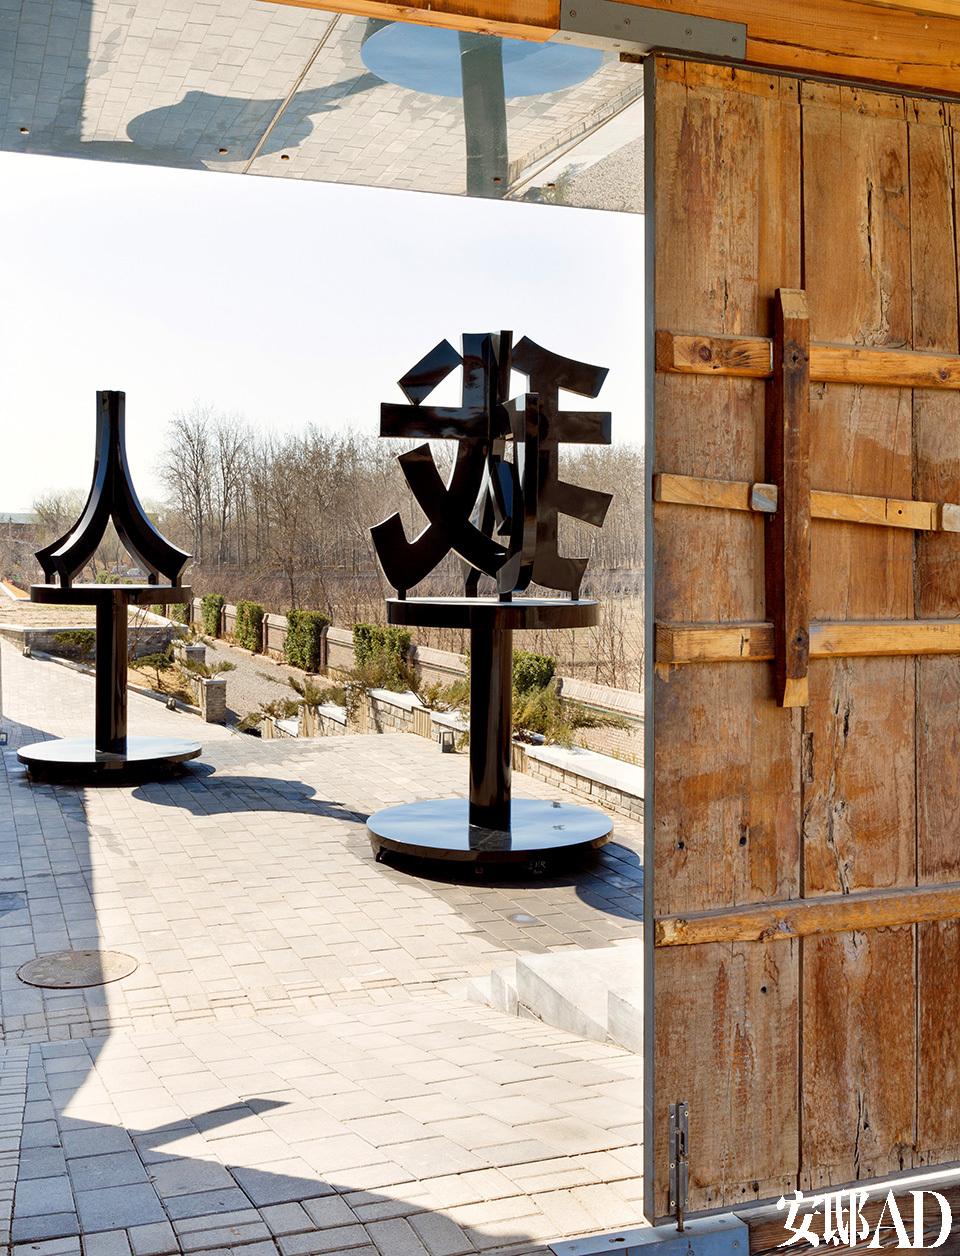 """门口迎客的是黄锐创作的两尊汉字雕塑,转动一下角度可读出里面的"""" 人人为我,我为人人""""。门是从恭王府切来的,他们改造修缮的时候,黄锐把拆掉的旧木板买回来做了自己的大门。门口是他近年来以中国文字为素材创作的雕塑,门口 的是""""人人为我,我为人人""""。"""